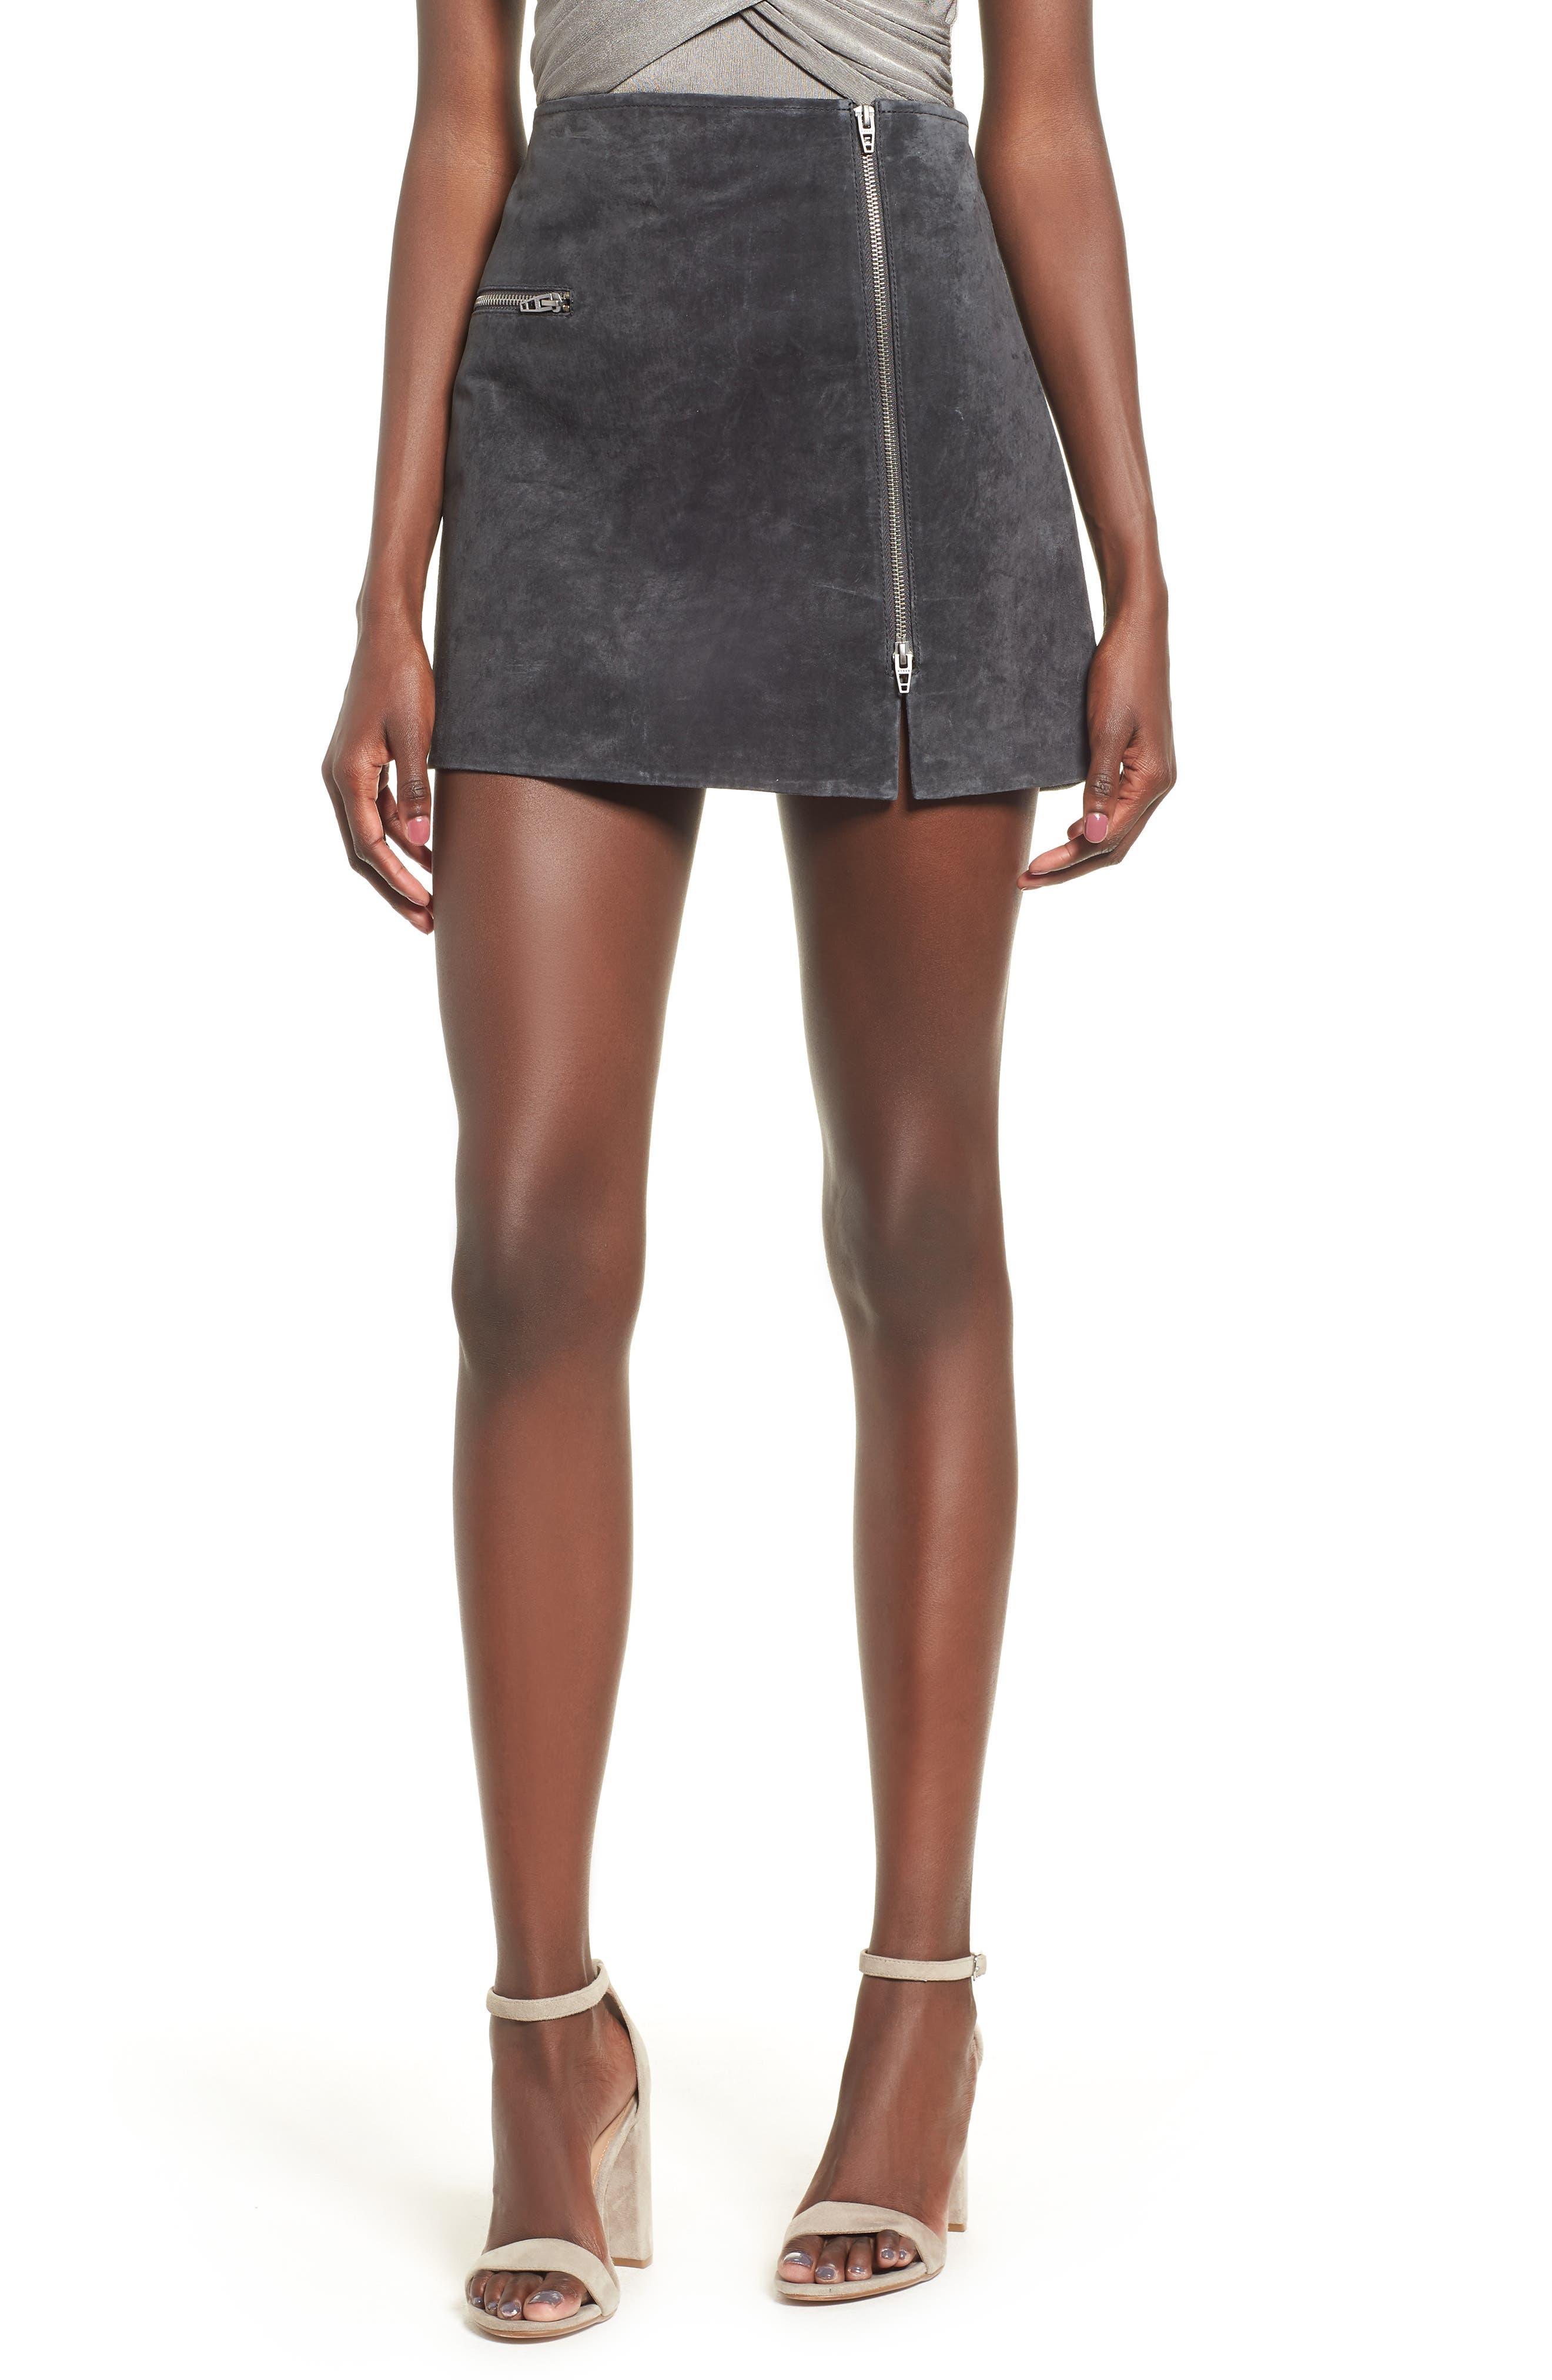 Blanknyc Suede Miniskirt, Black